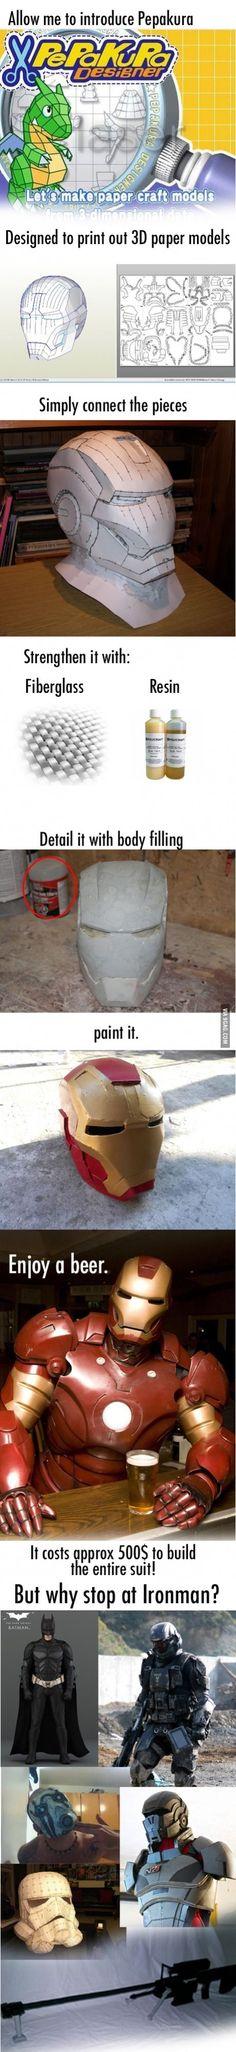 Un #papercraft de Iron Man tomaria siglos en armarlo